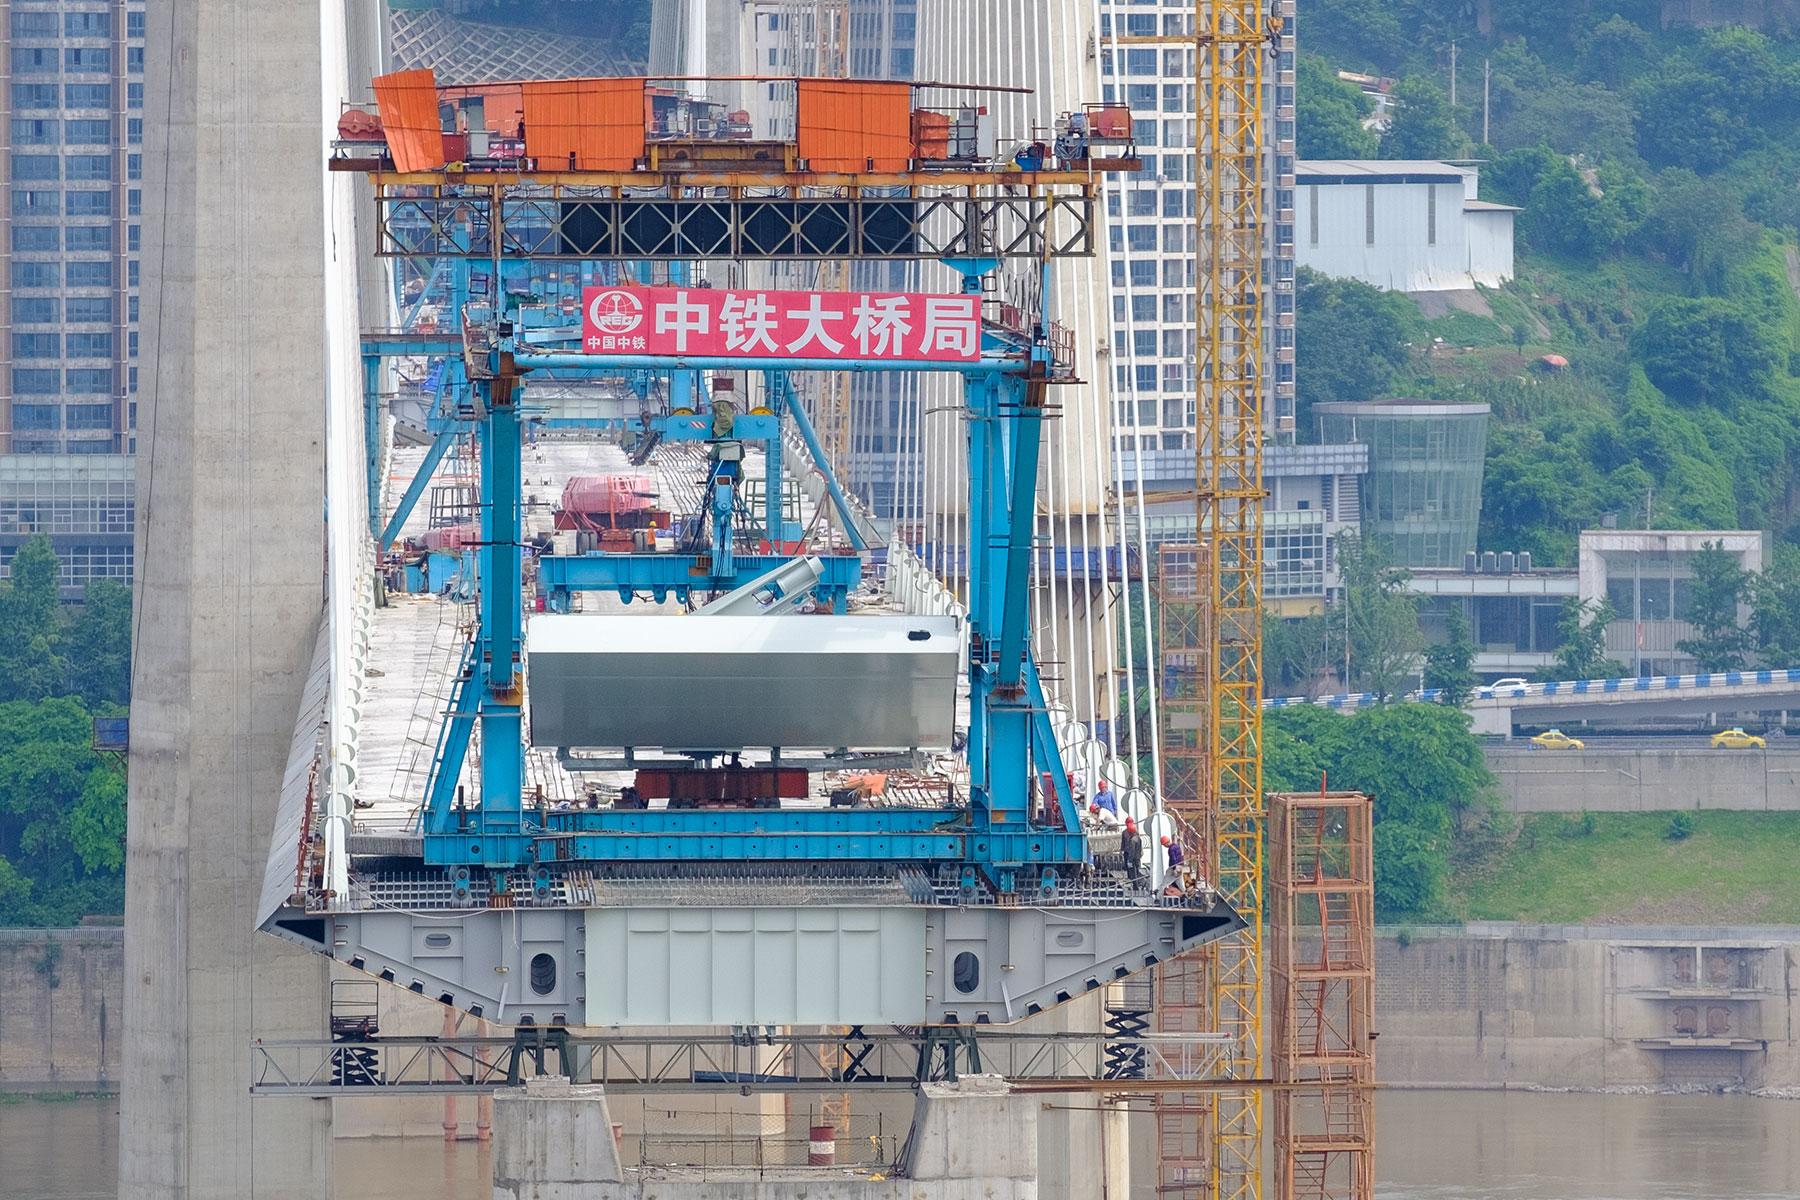 Eine neue Brücke wird gebaut in Chongqing